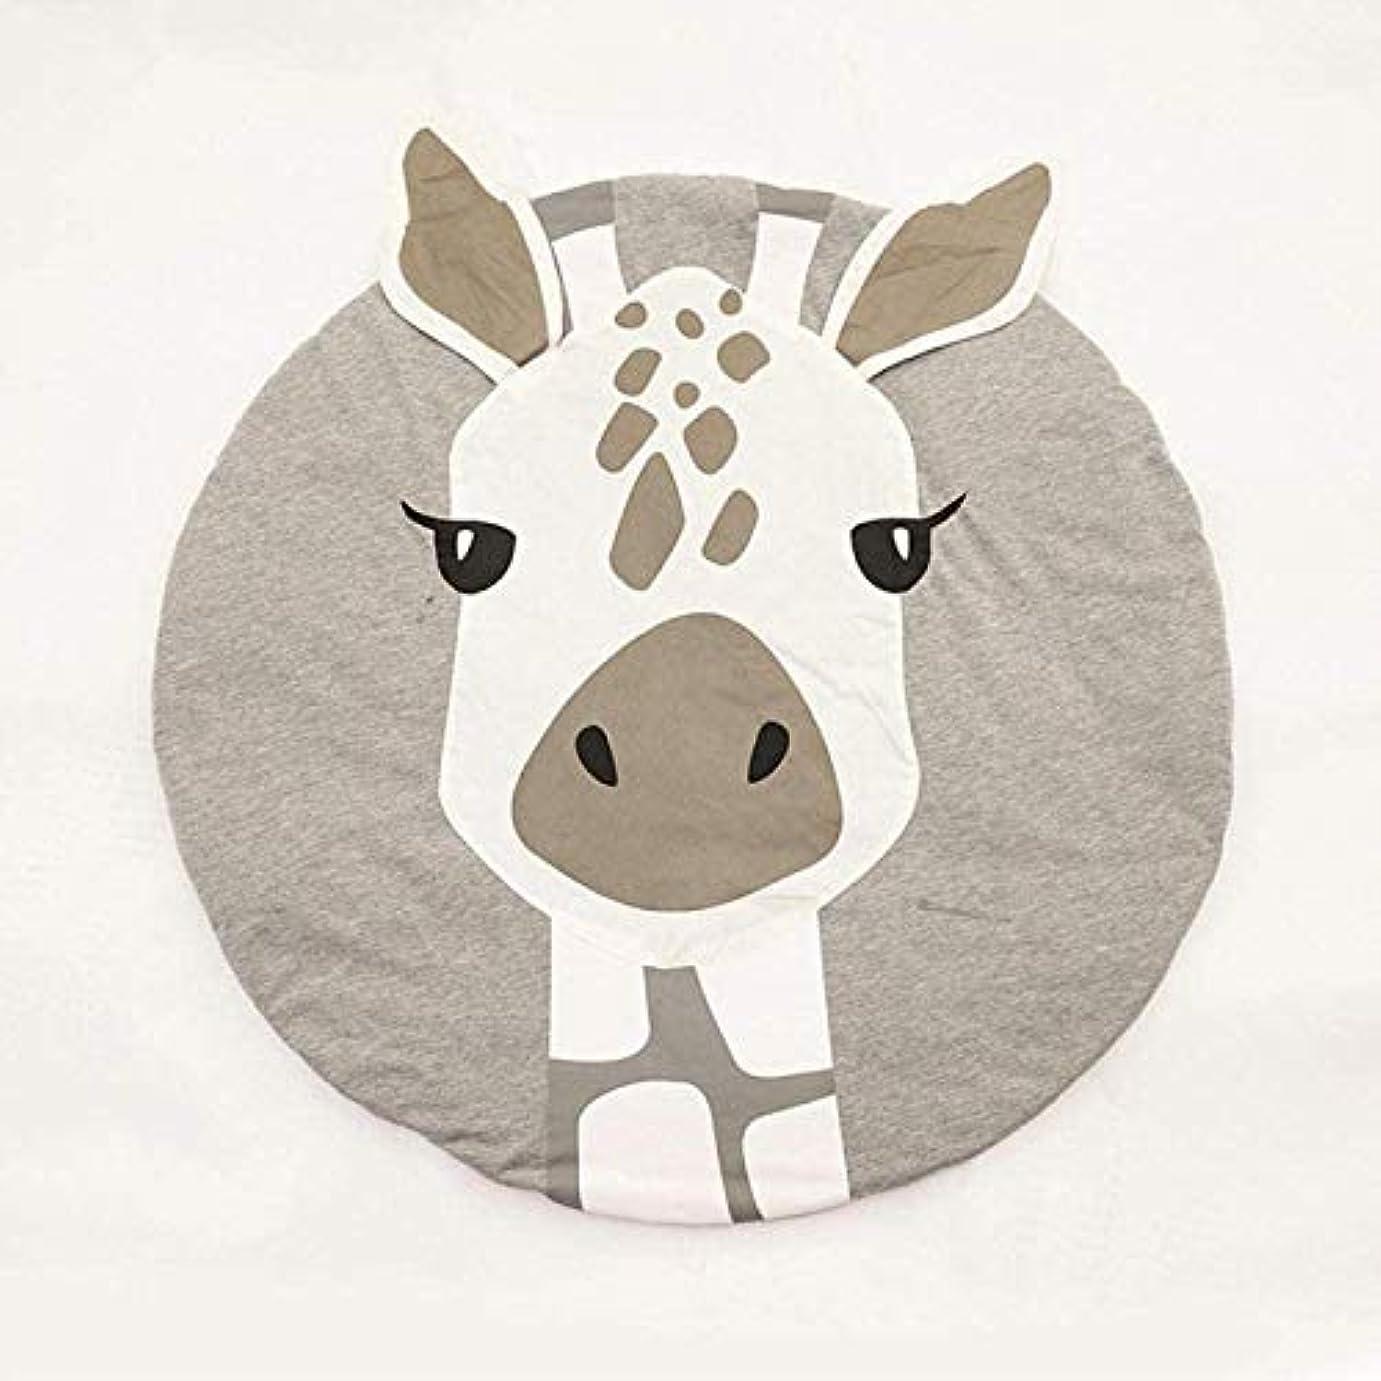 脱走自分のアンデス山脈赤ちゃんフィットネスPlaymat、赤ちゃんはプレイがソフト暖かい厚手の変更スリーピングクロールにクロールマット、100%天然素材のベビーマットを印刷します nyfcck (Color : Giraffe)